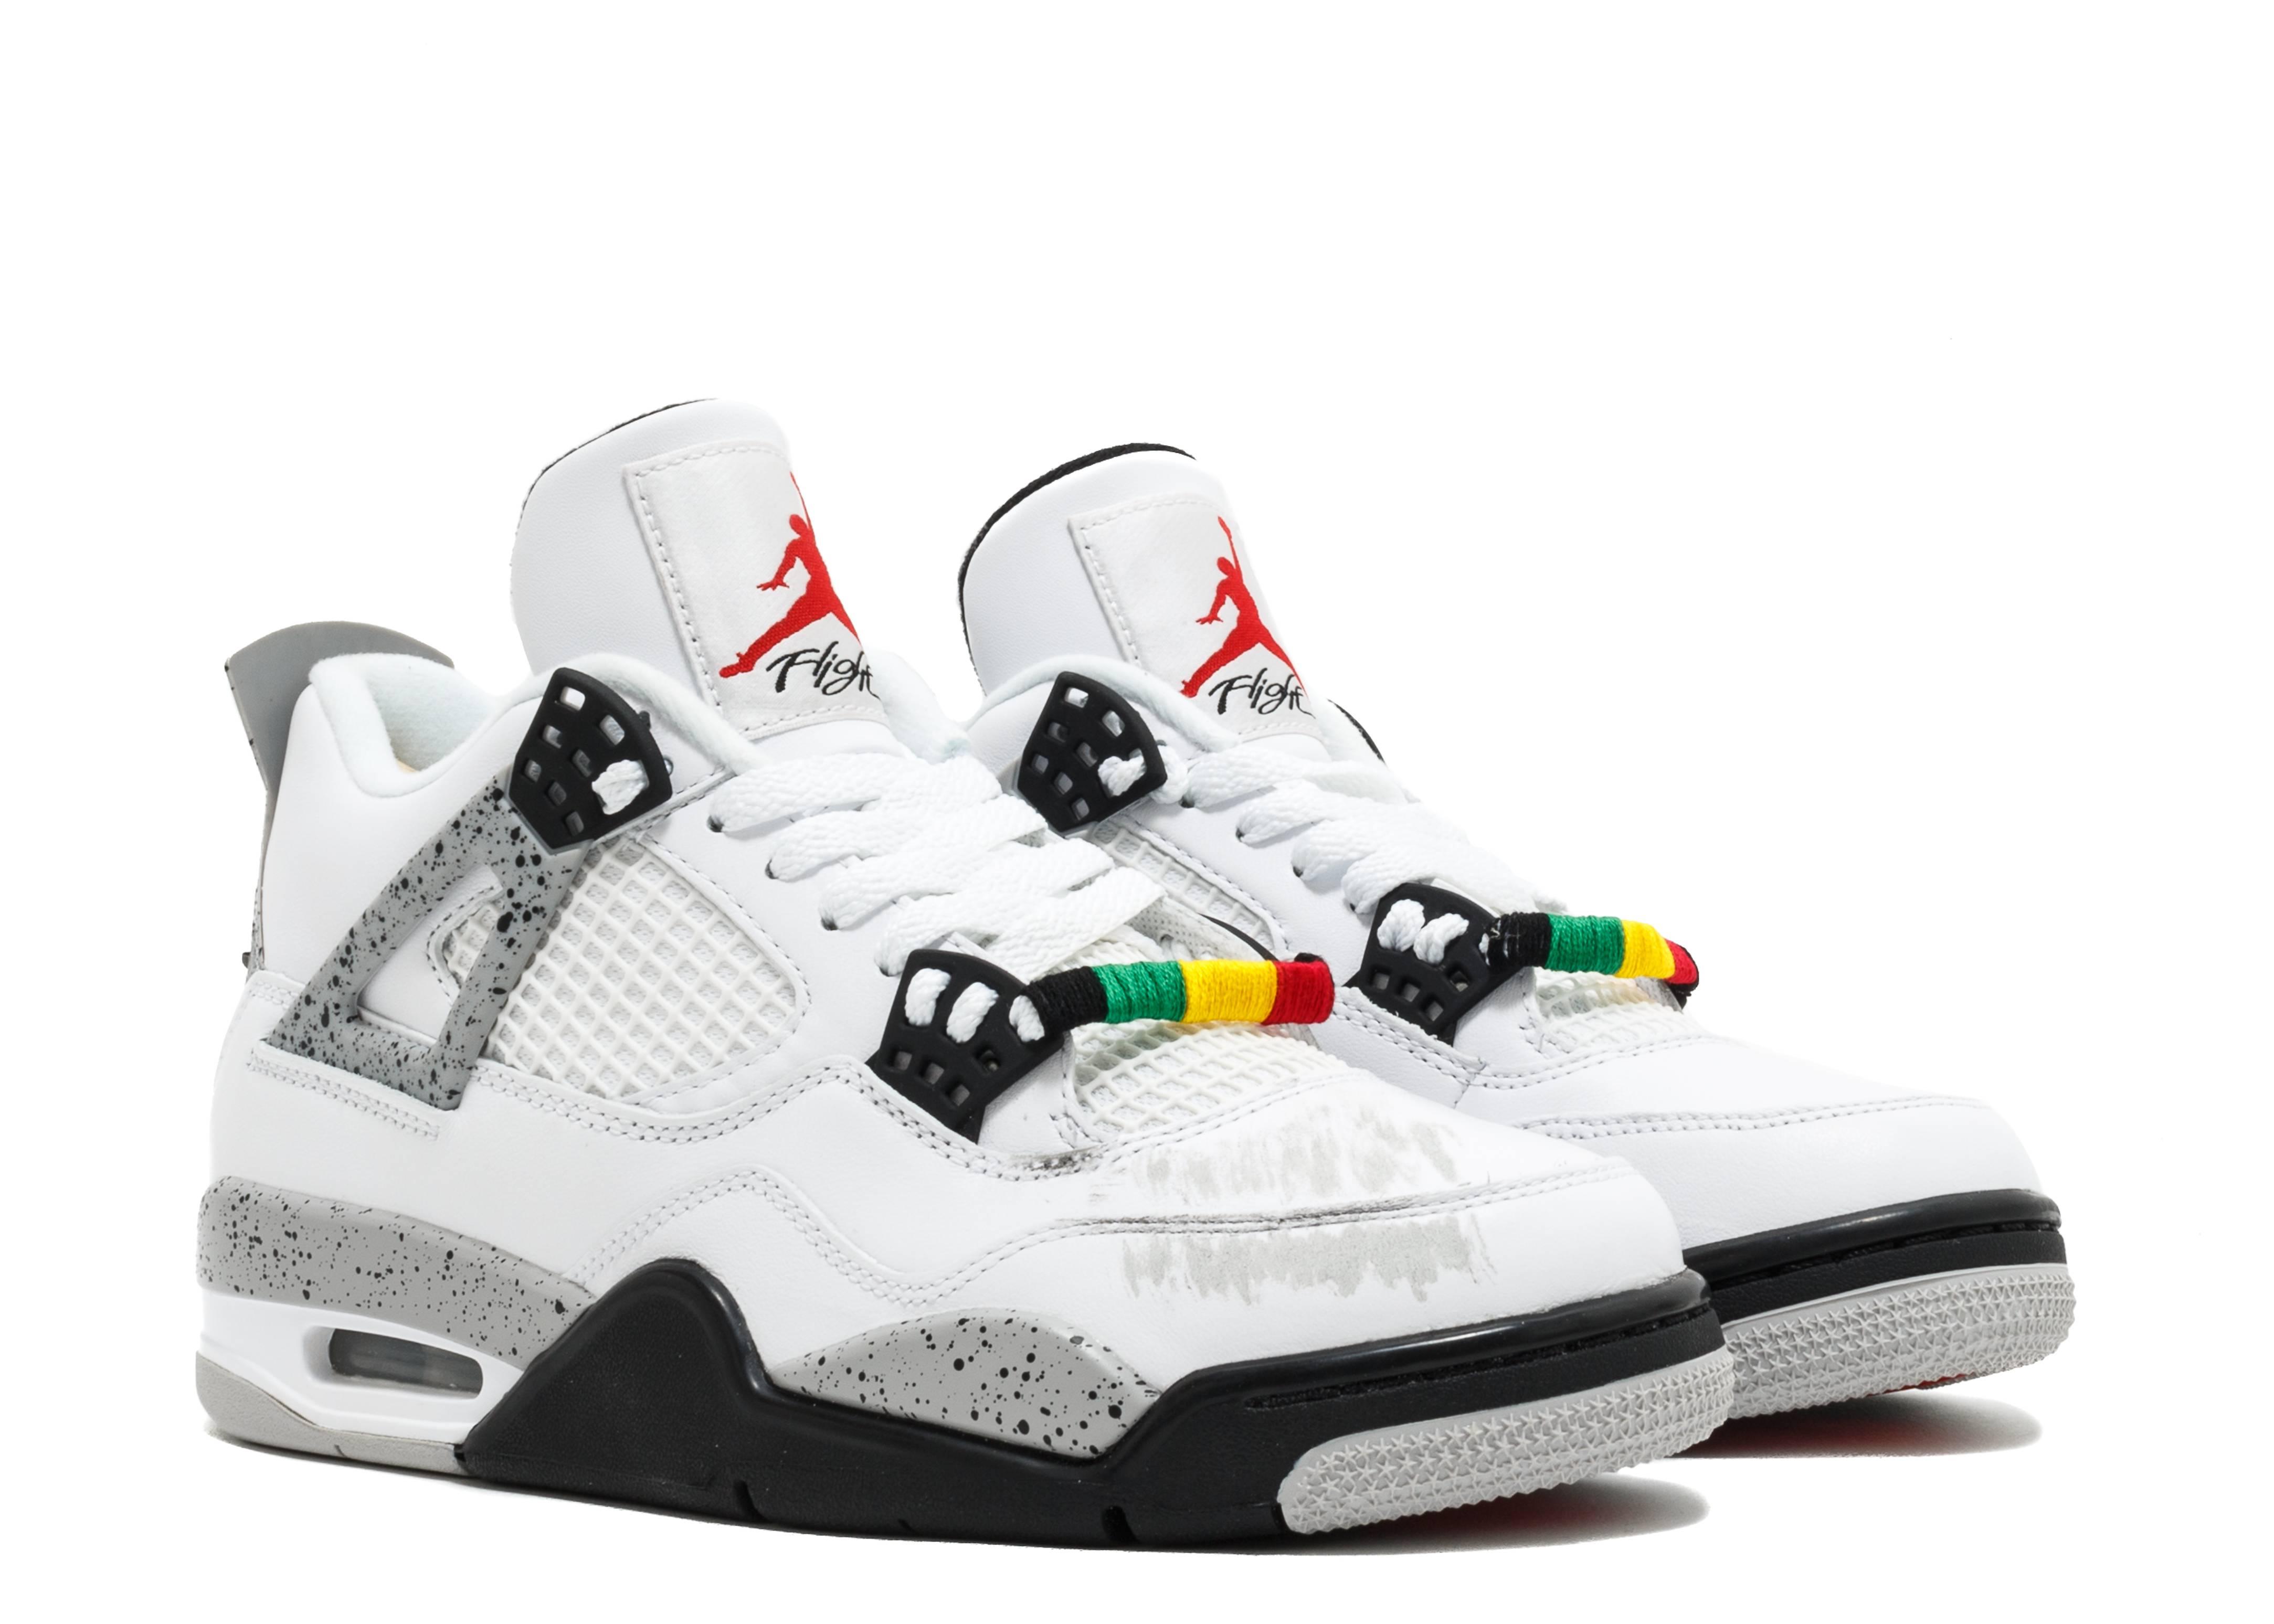 7fa26f40b35566 Air Jordan 4 Retro